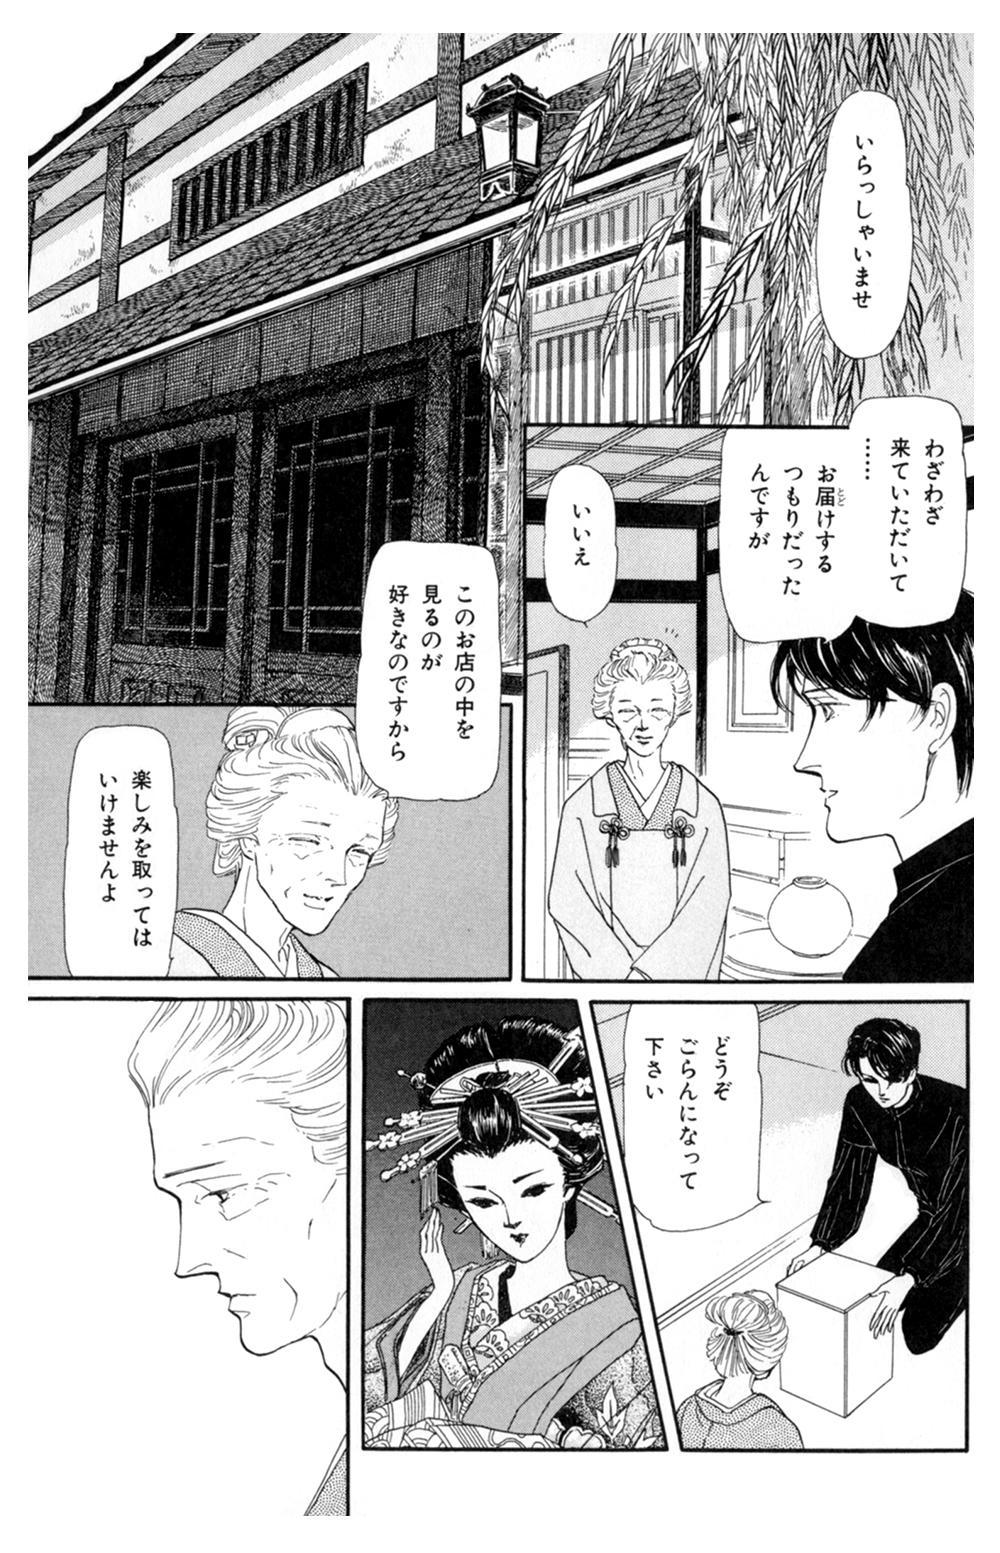 雨柳堂夢咄 第5話「花に暮れる」2uryudo-02-139.jpg